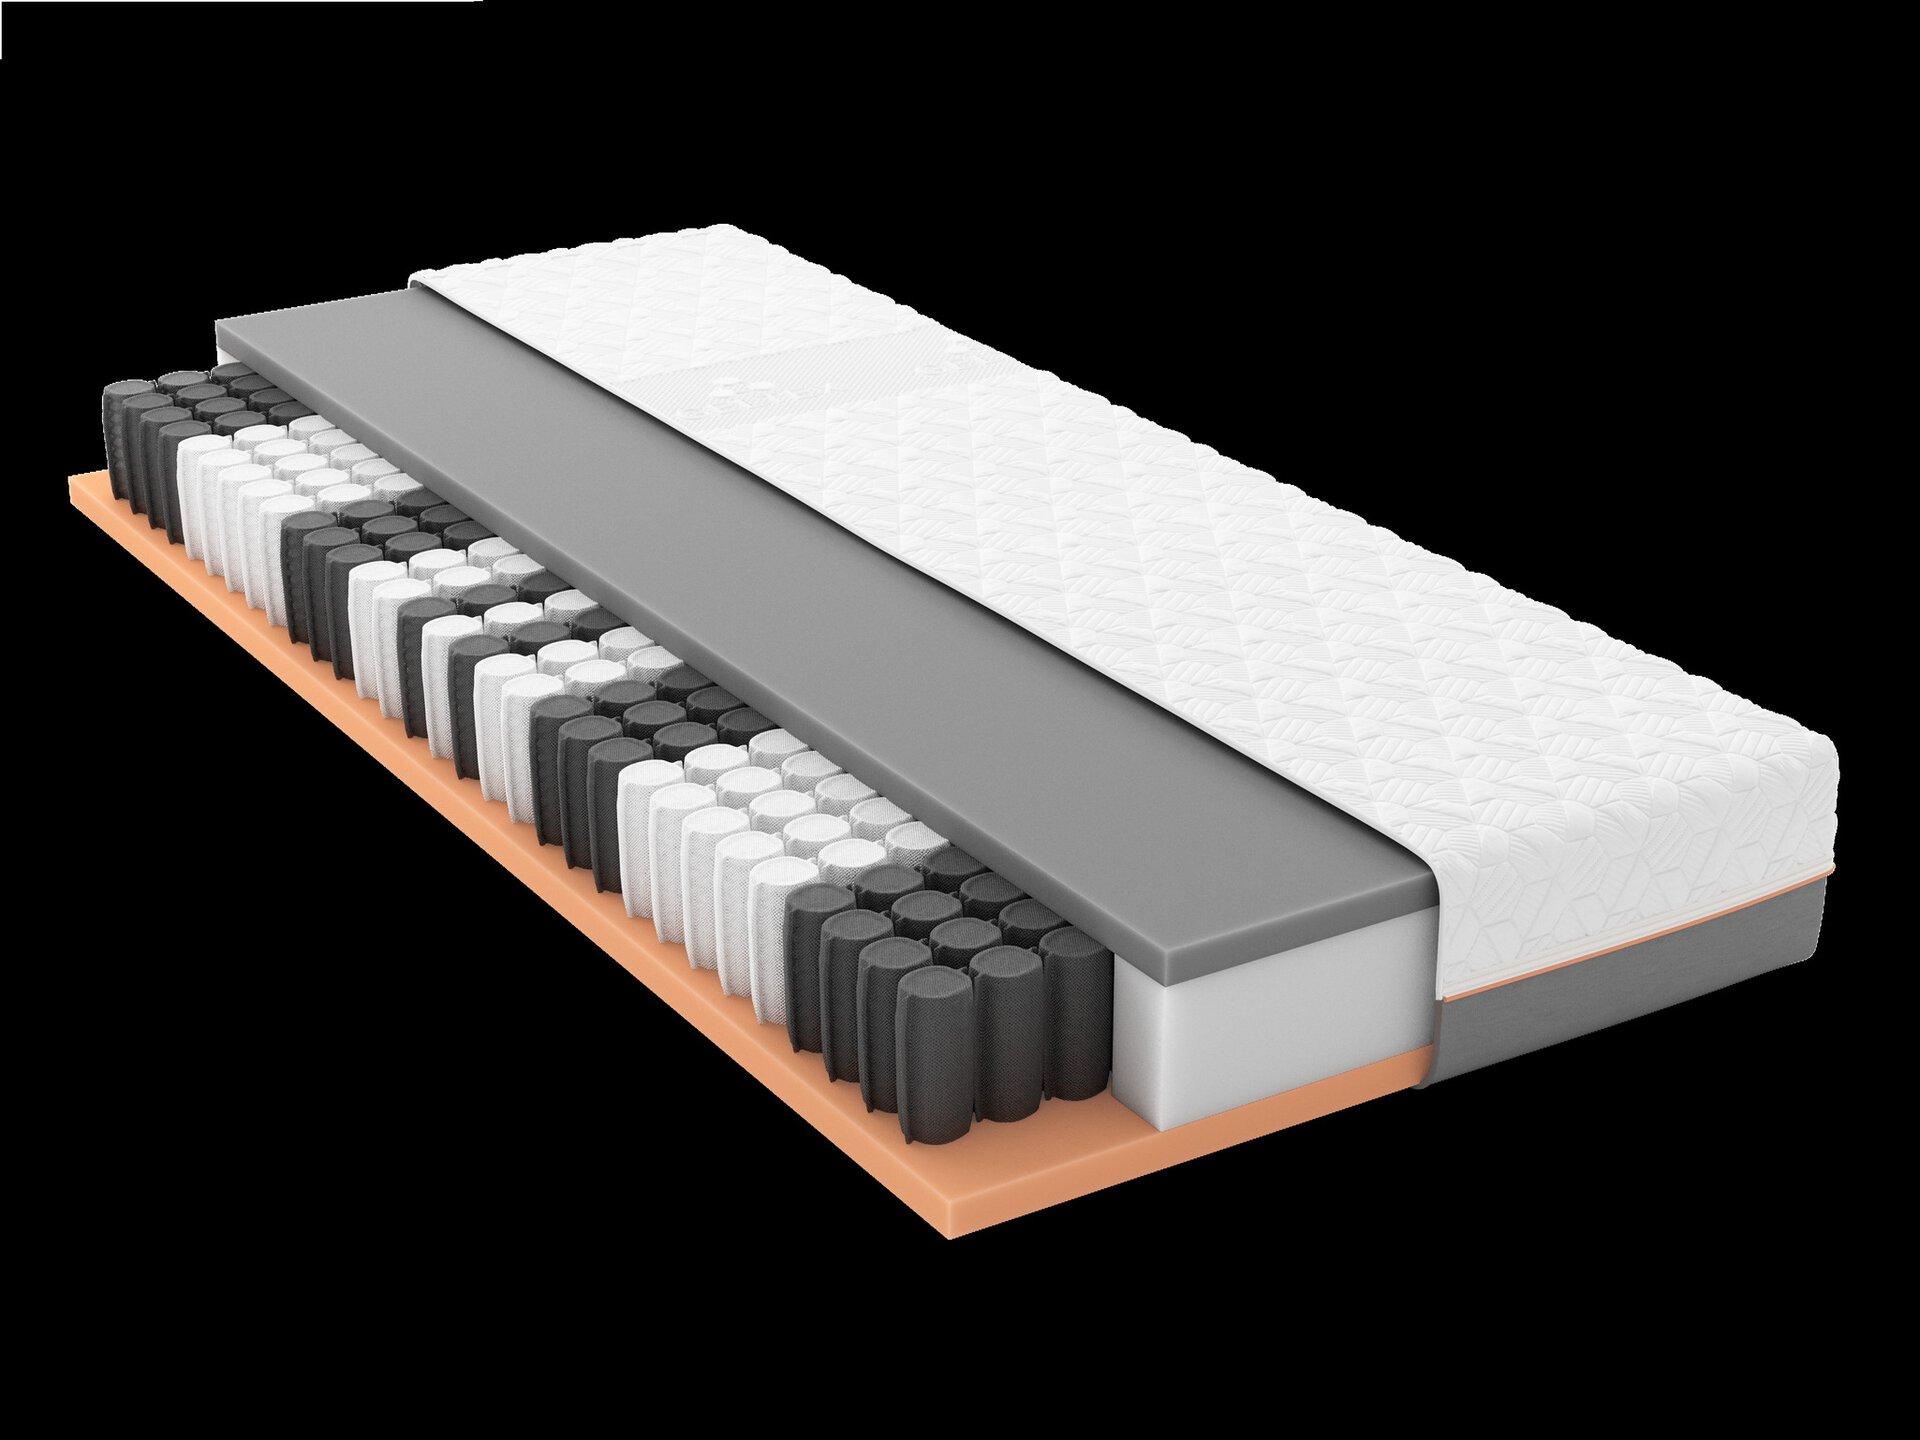 Taschenfederkernmatratze GELTEX Starline X5 TFK H3 Schlaraffia Textil weiß 140 x 20 x 200 cm